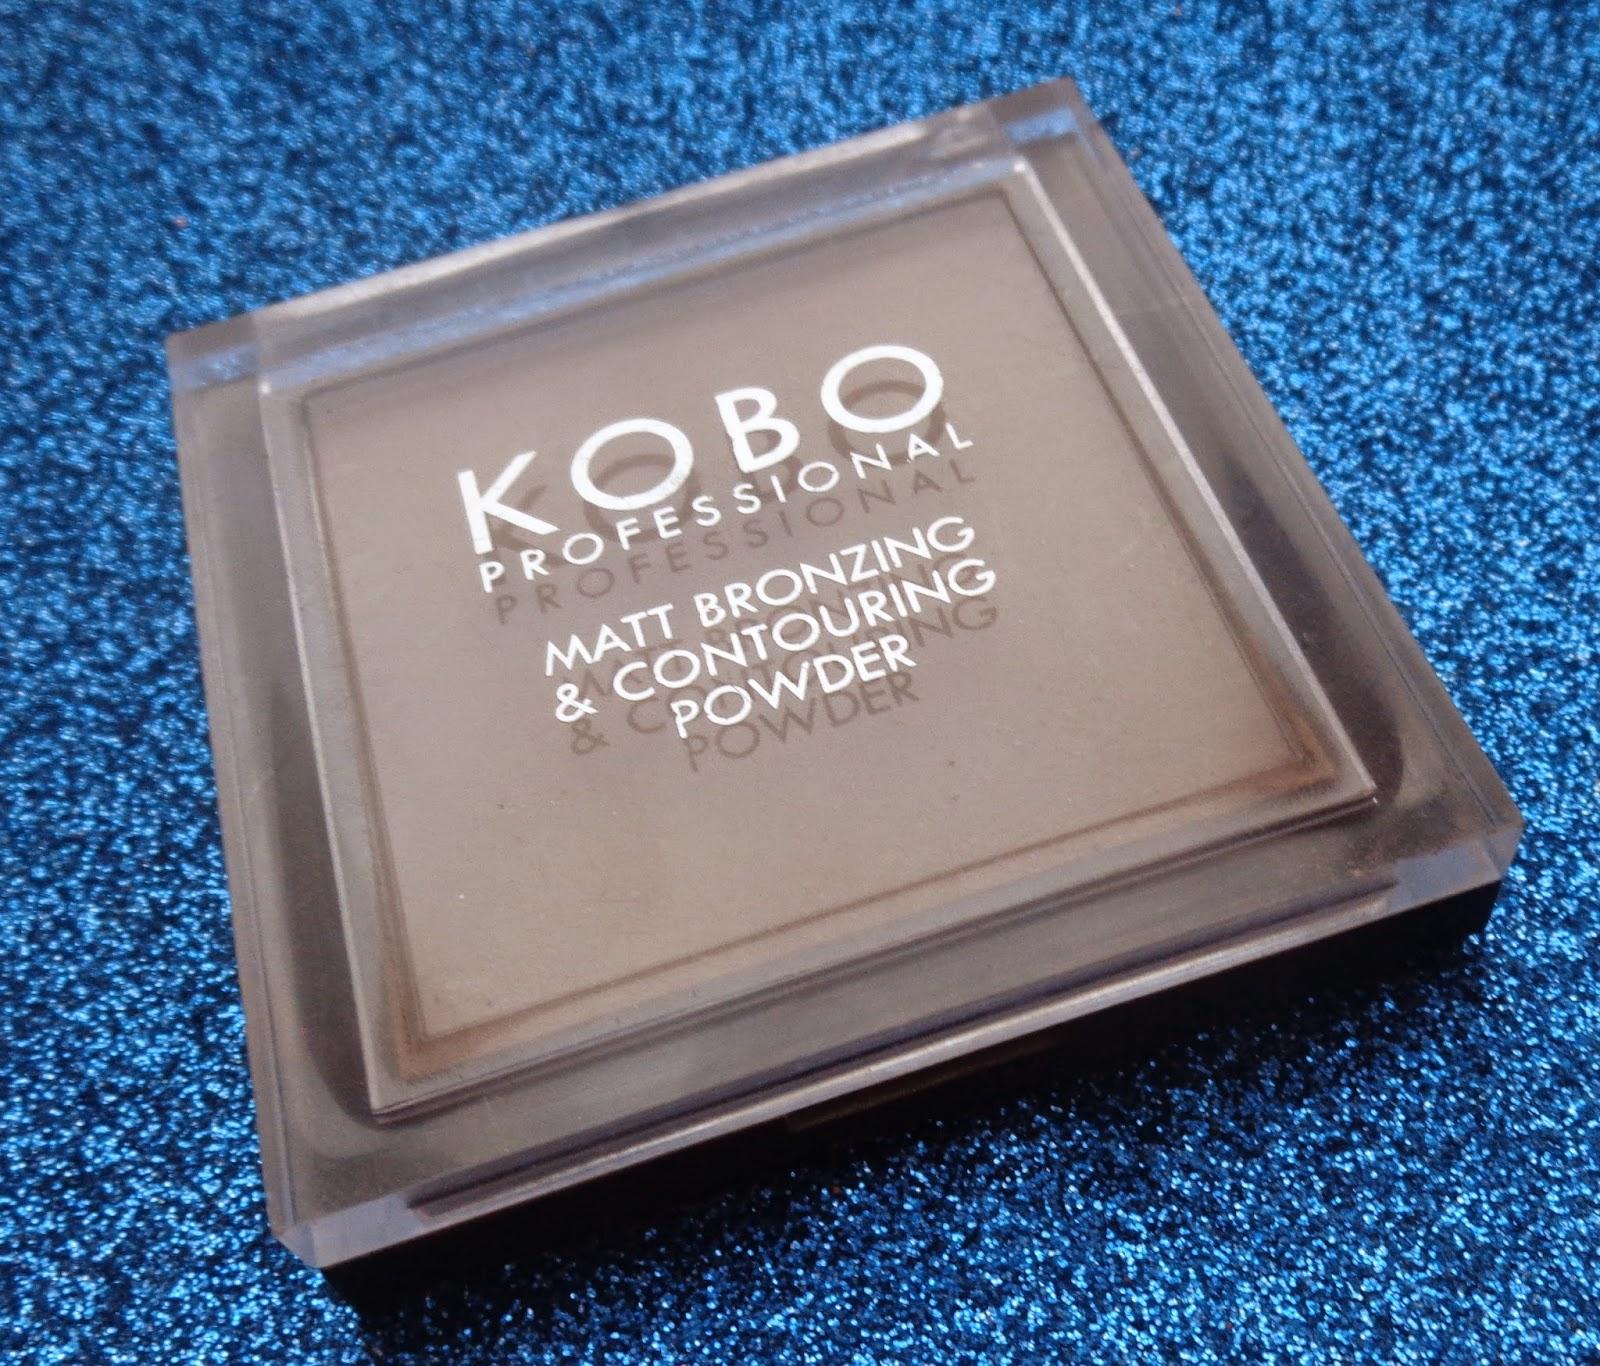 KOBO puder brązujący matt bronzing & contouring powder - recenzja